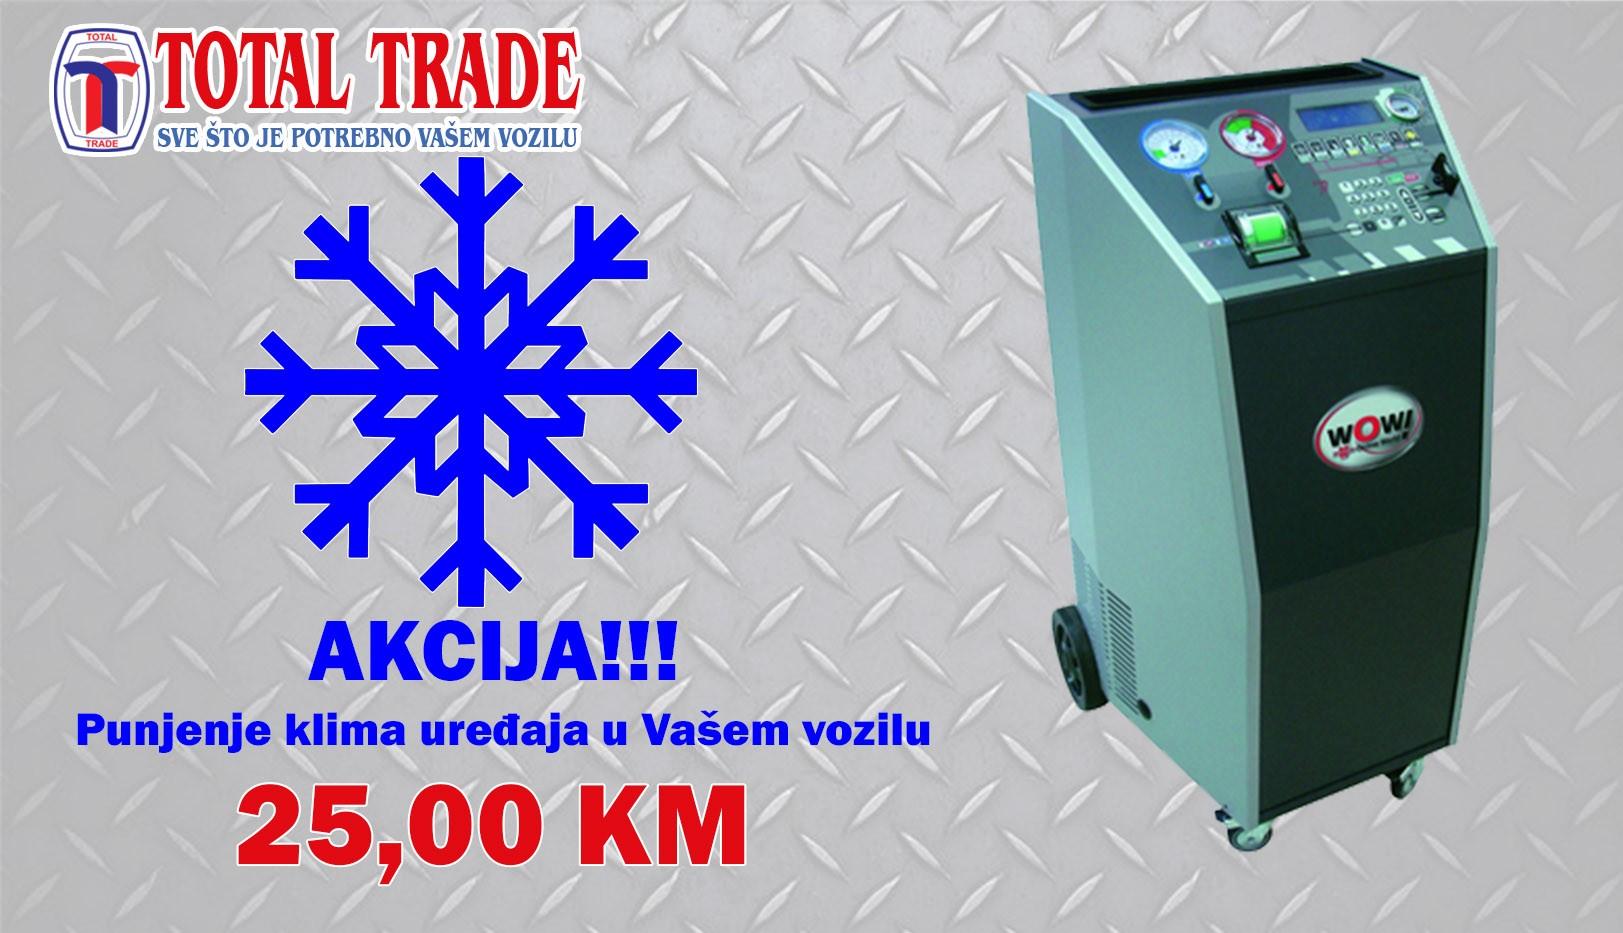 Akcija - Punjenje klima uređaja - 25,00 KM